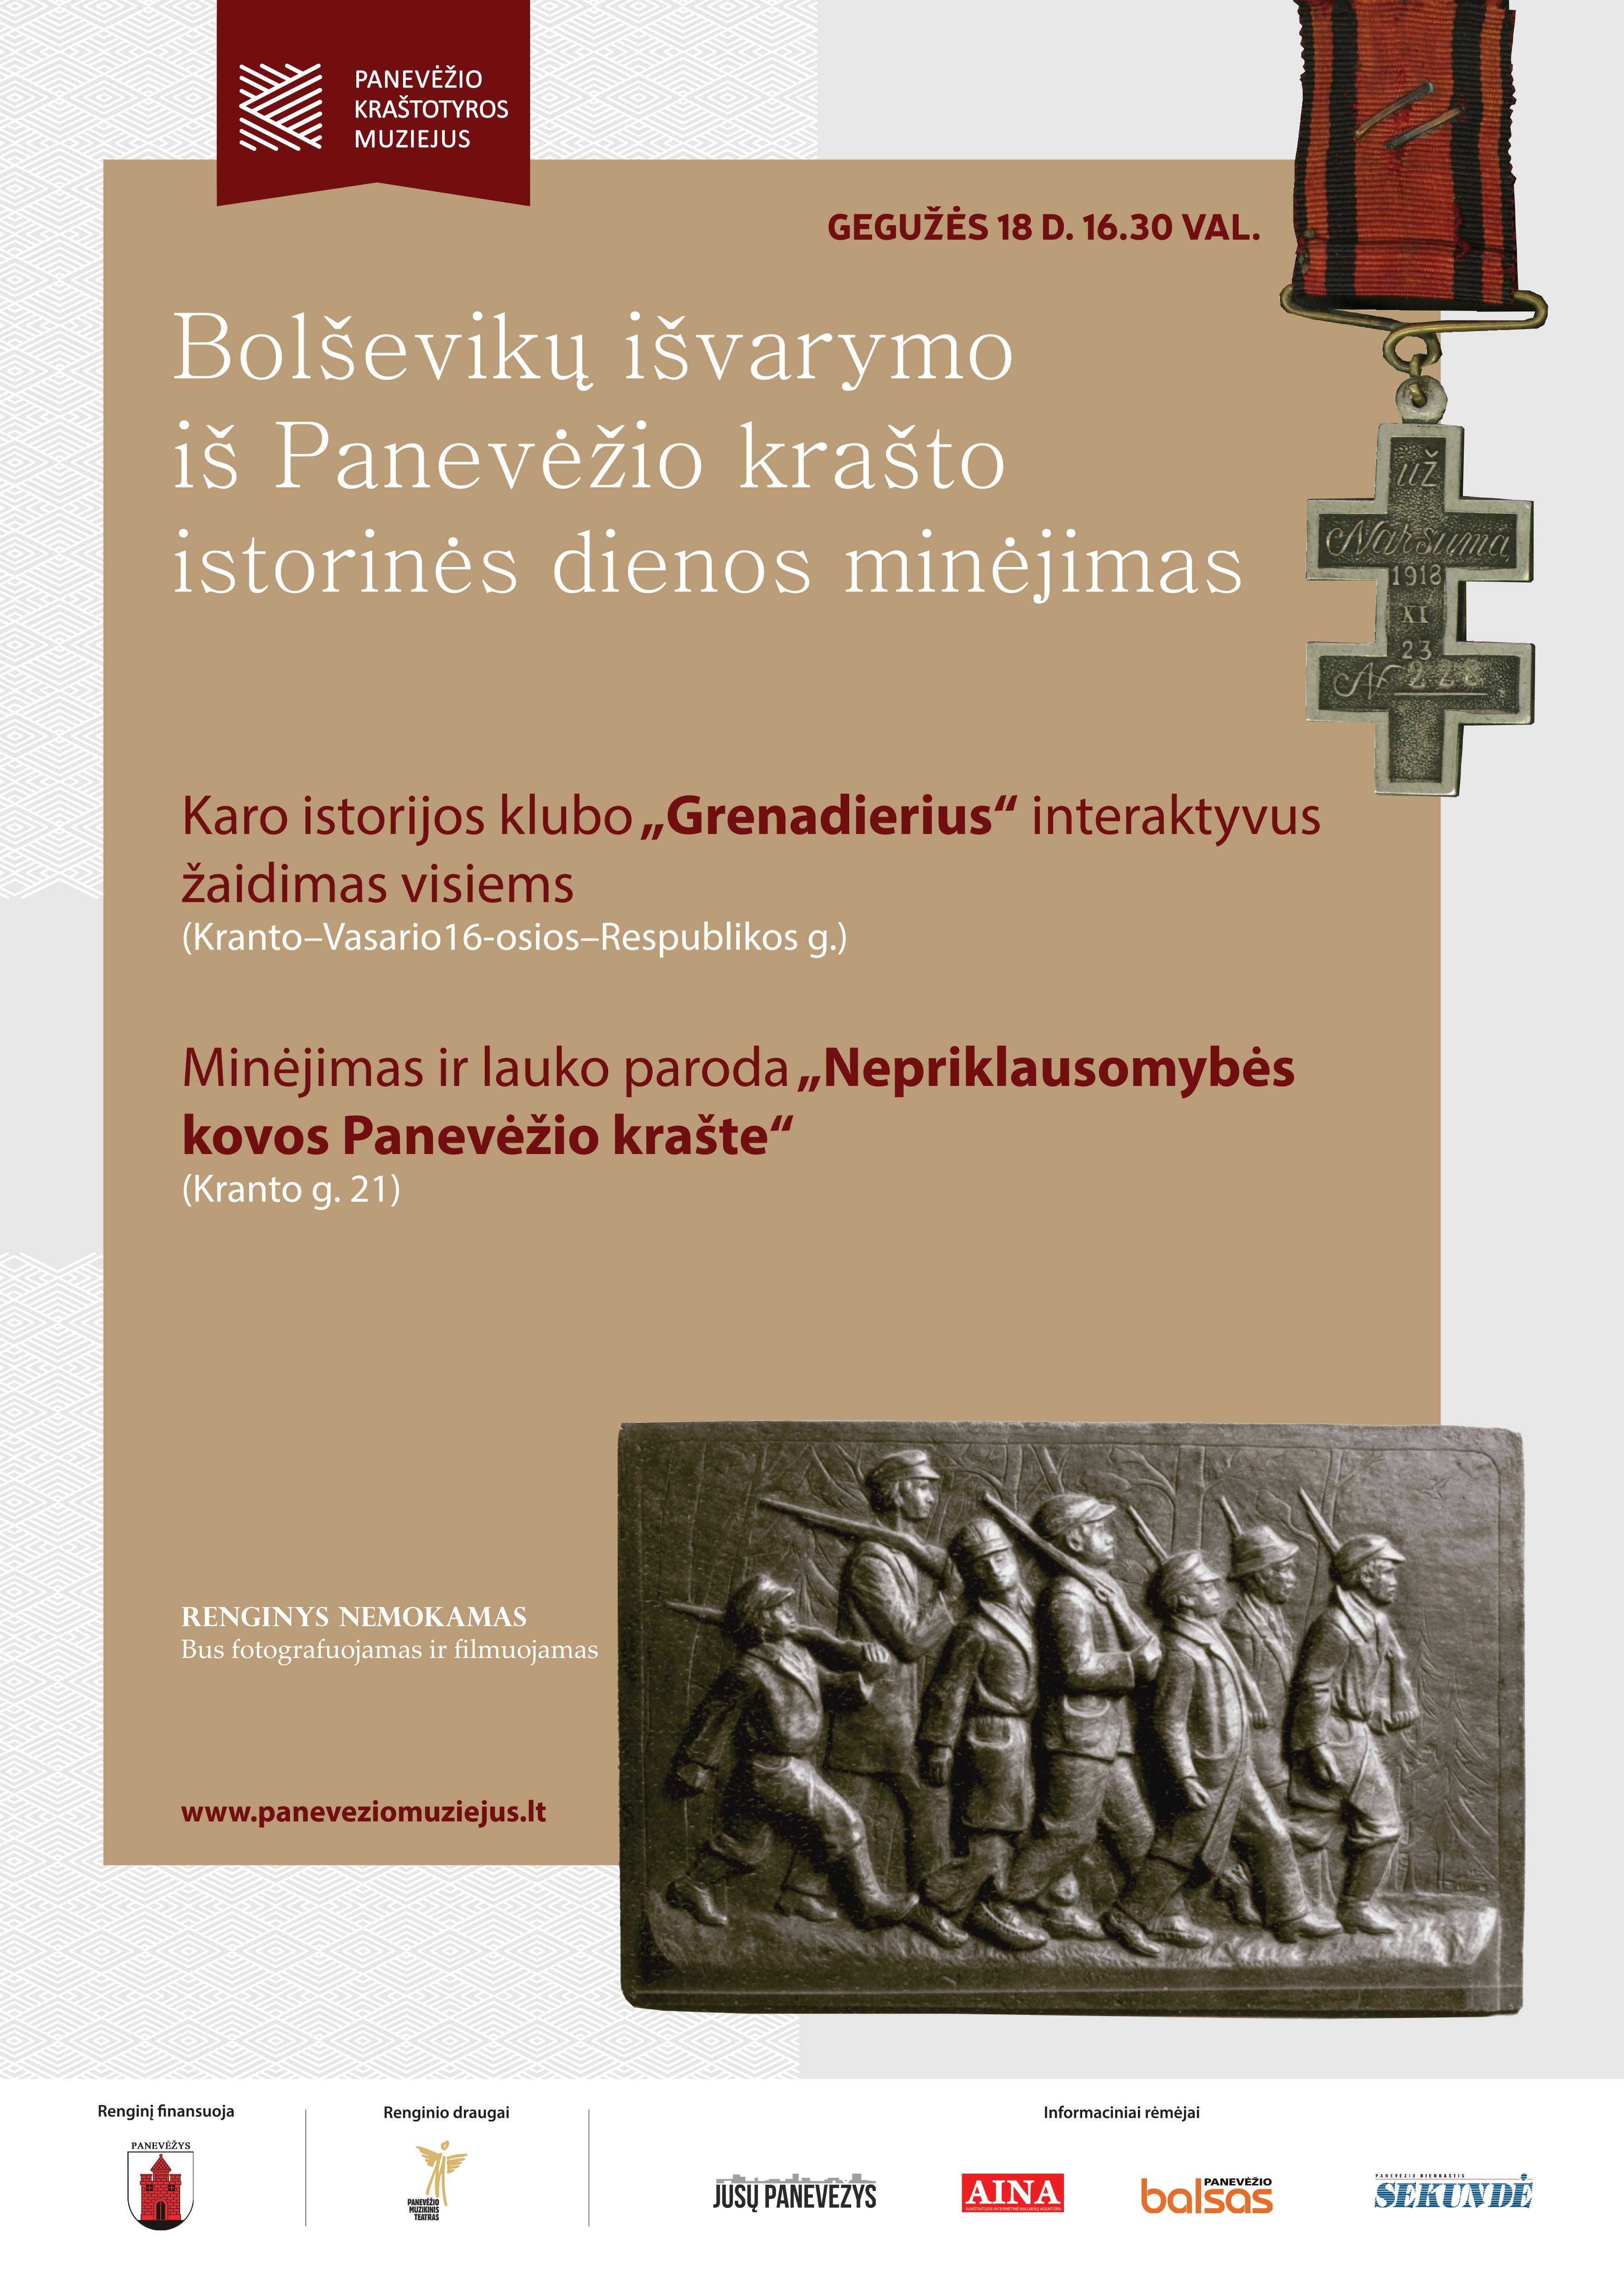 Bolševikų išvarymo iš Panevėžio krašto istorinės dienos minėjimas | Panevėžio kraštotyros muziejaus nuotr.